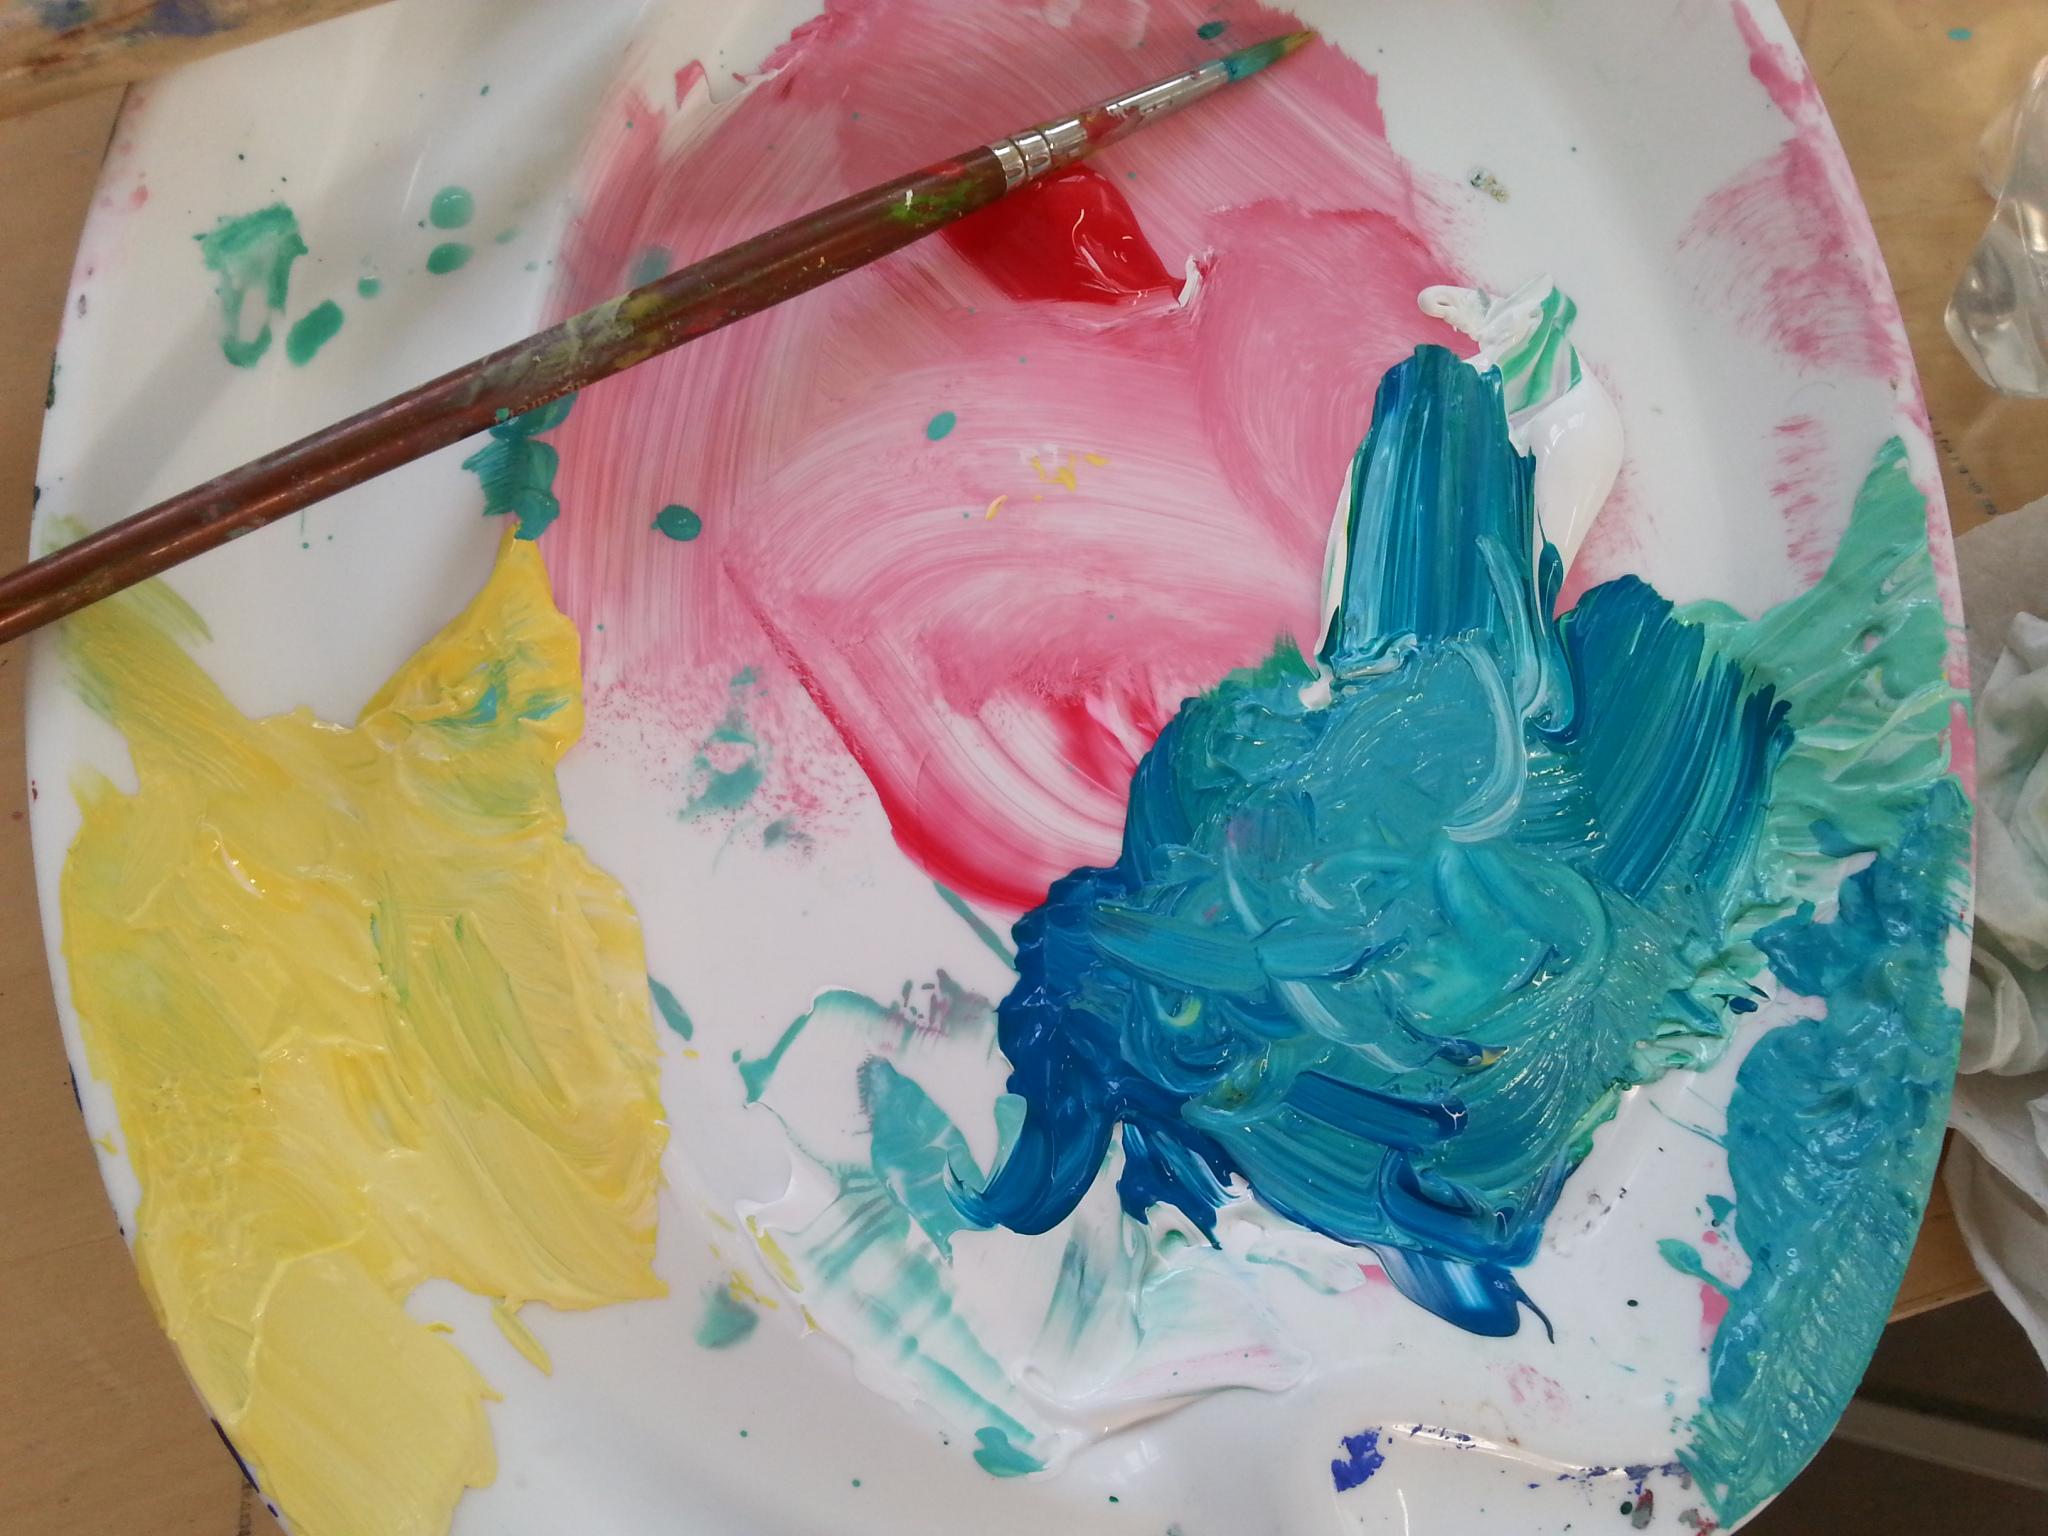 akryylin päälle maalaaminen